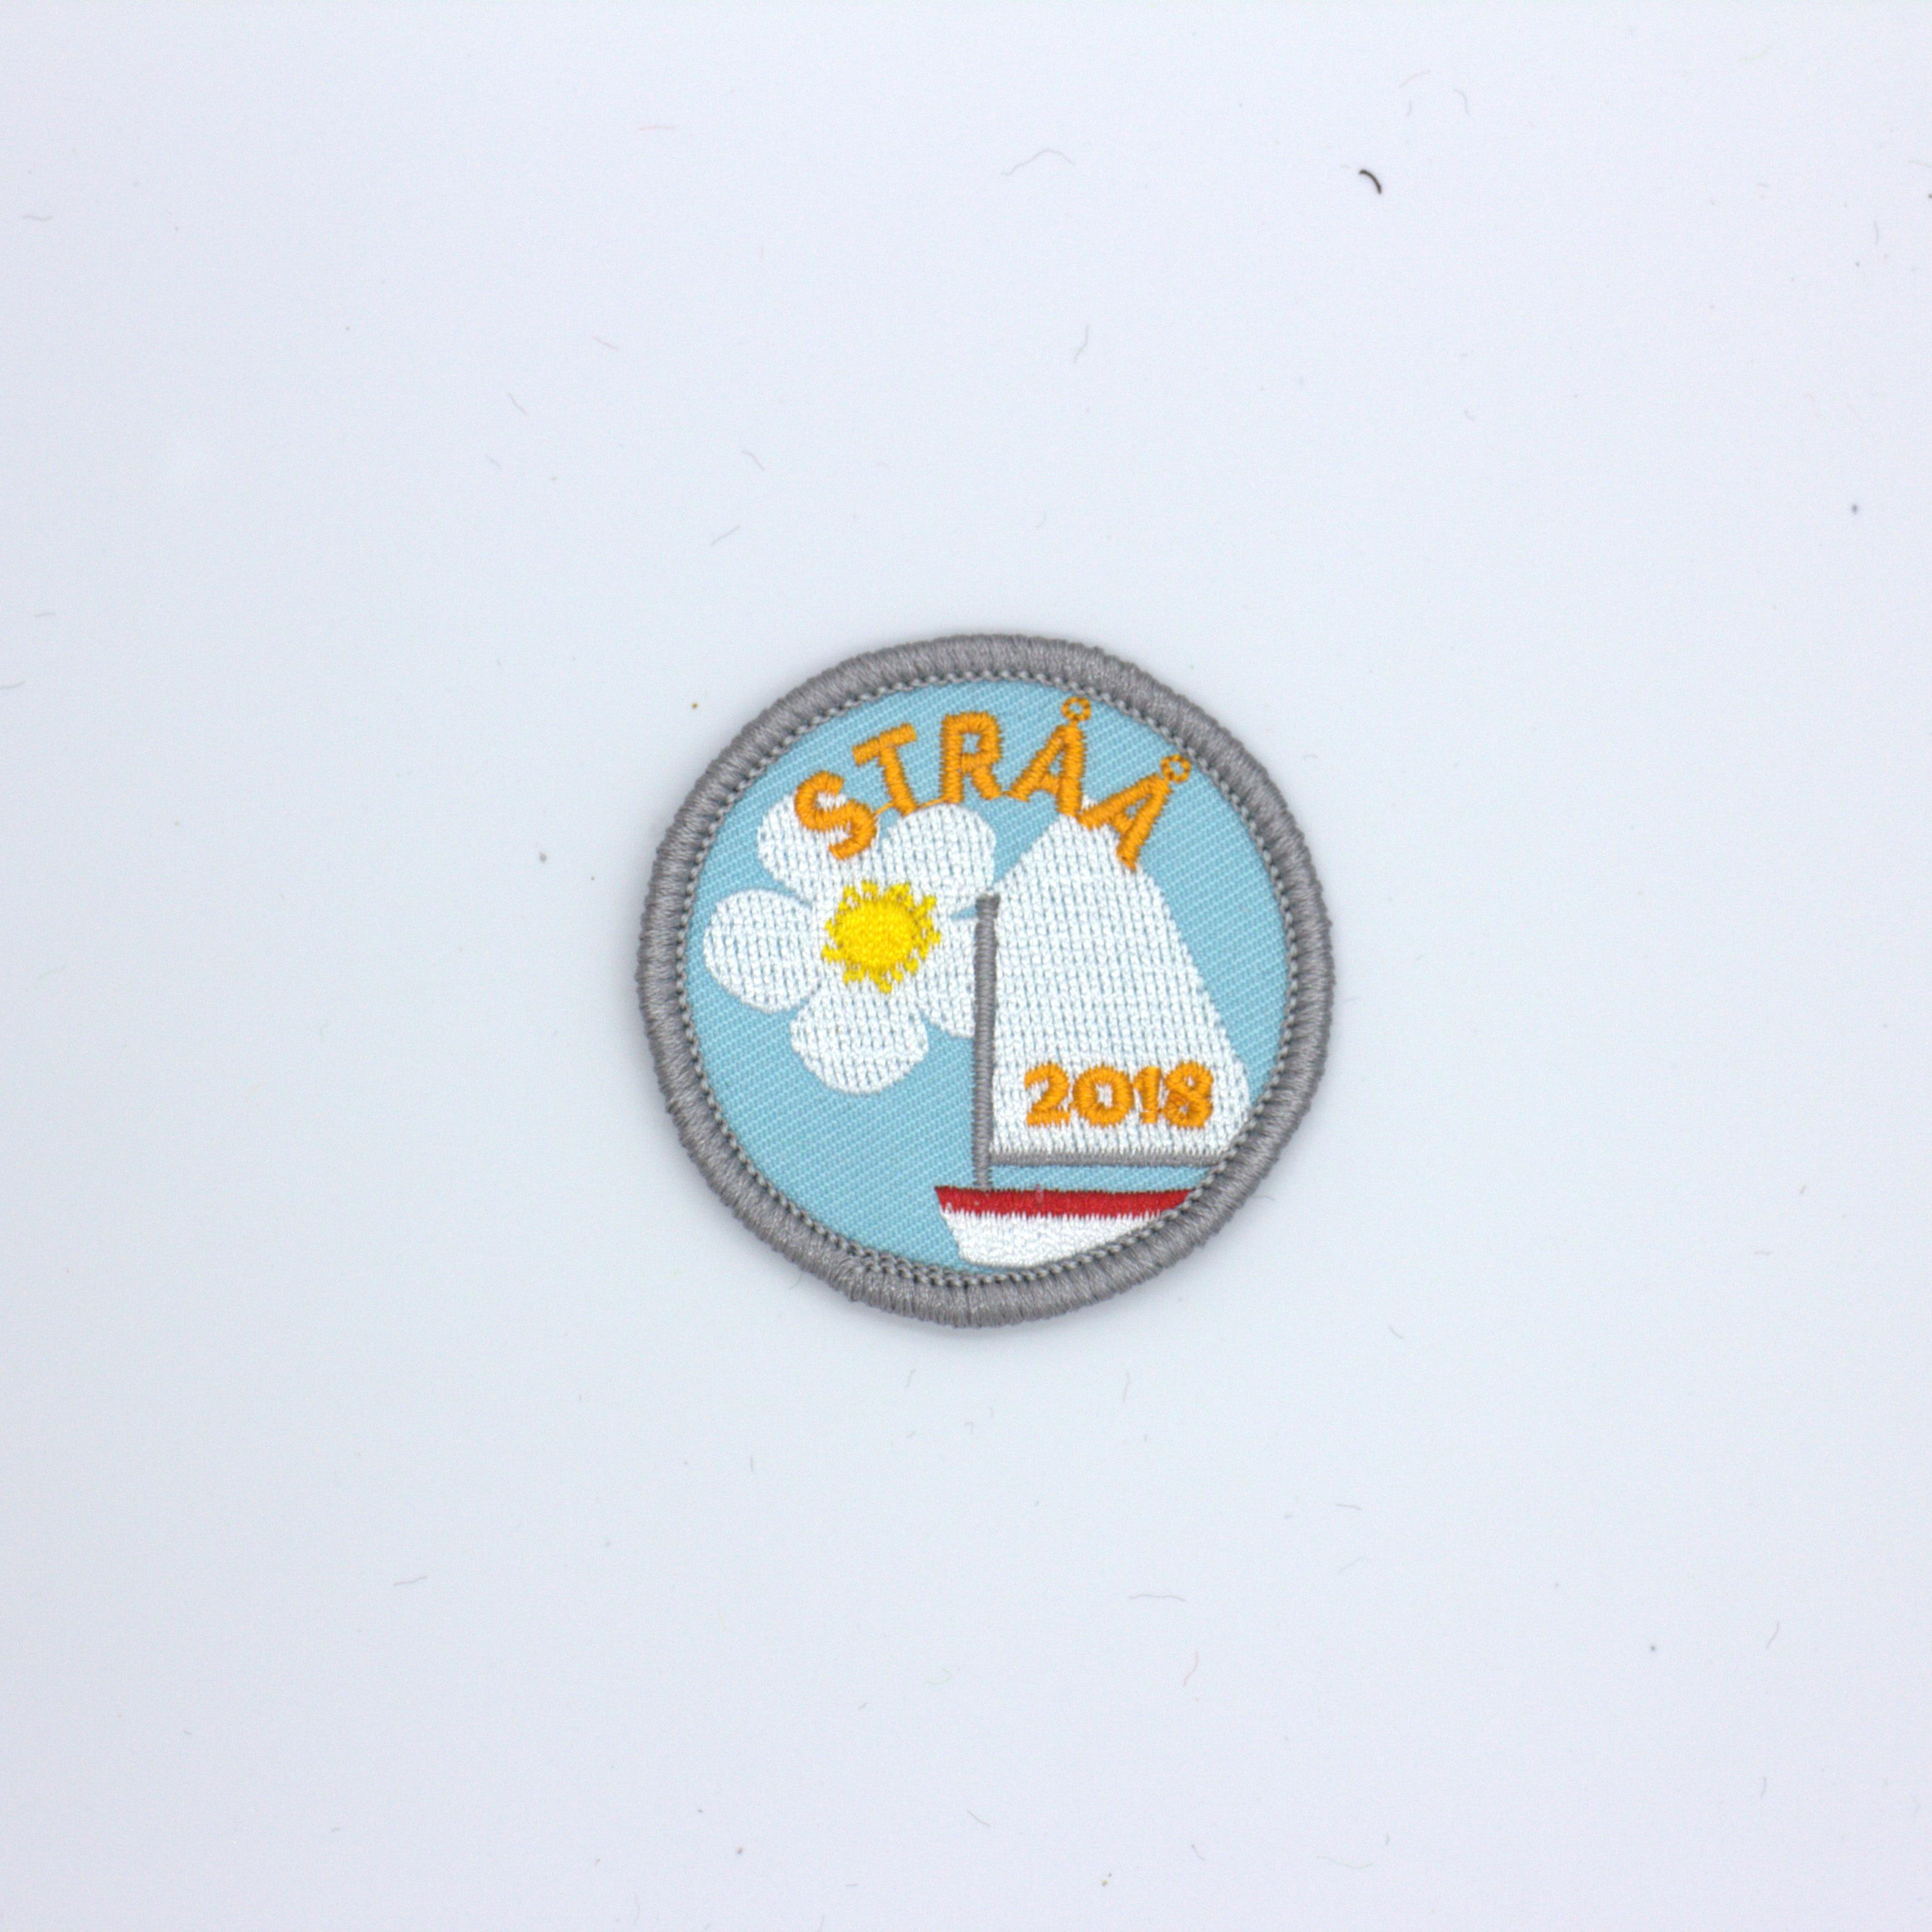 Faixa de metal pesado faixa banner remendo emblemas bordado applique costura ferro no emblema roupas vestuário acessórios 4